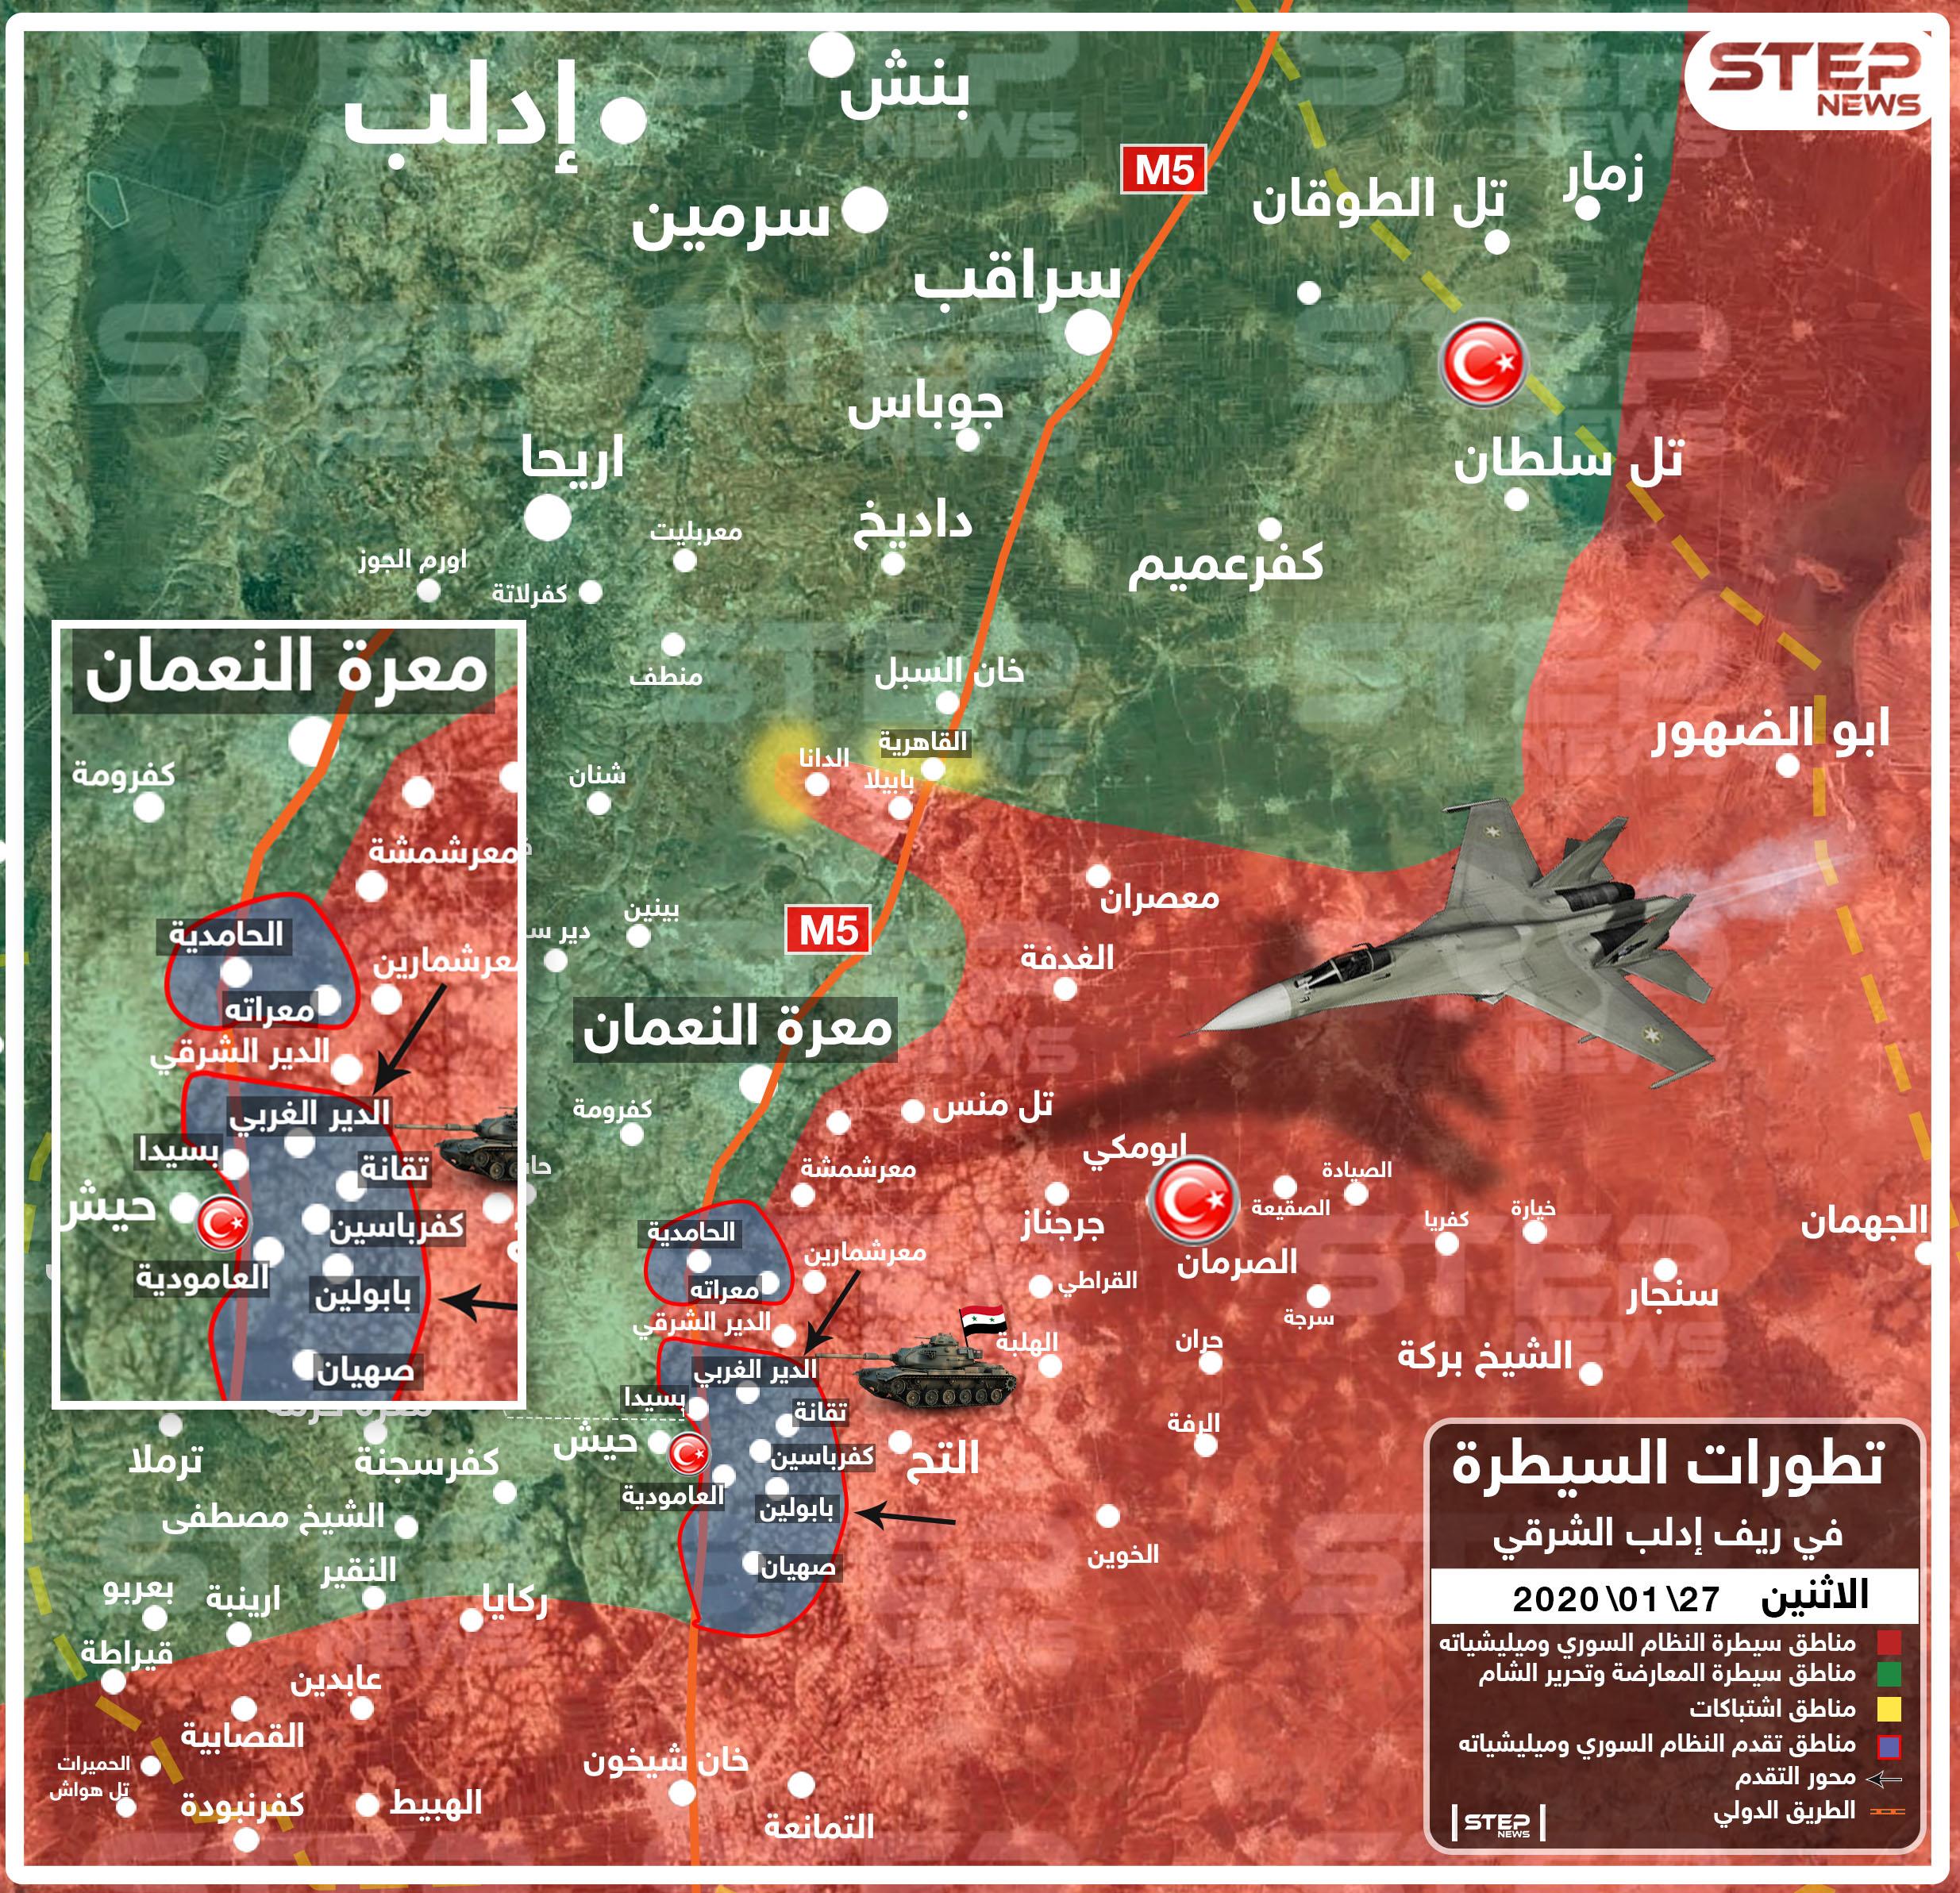 بالخريطة|| قوات النظام السوري تواصل تقدمها جنوبي إدلب.. وتتجه نحو الإحاطة بمعرة النعمان